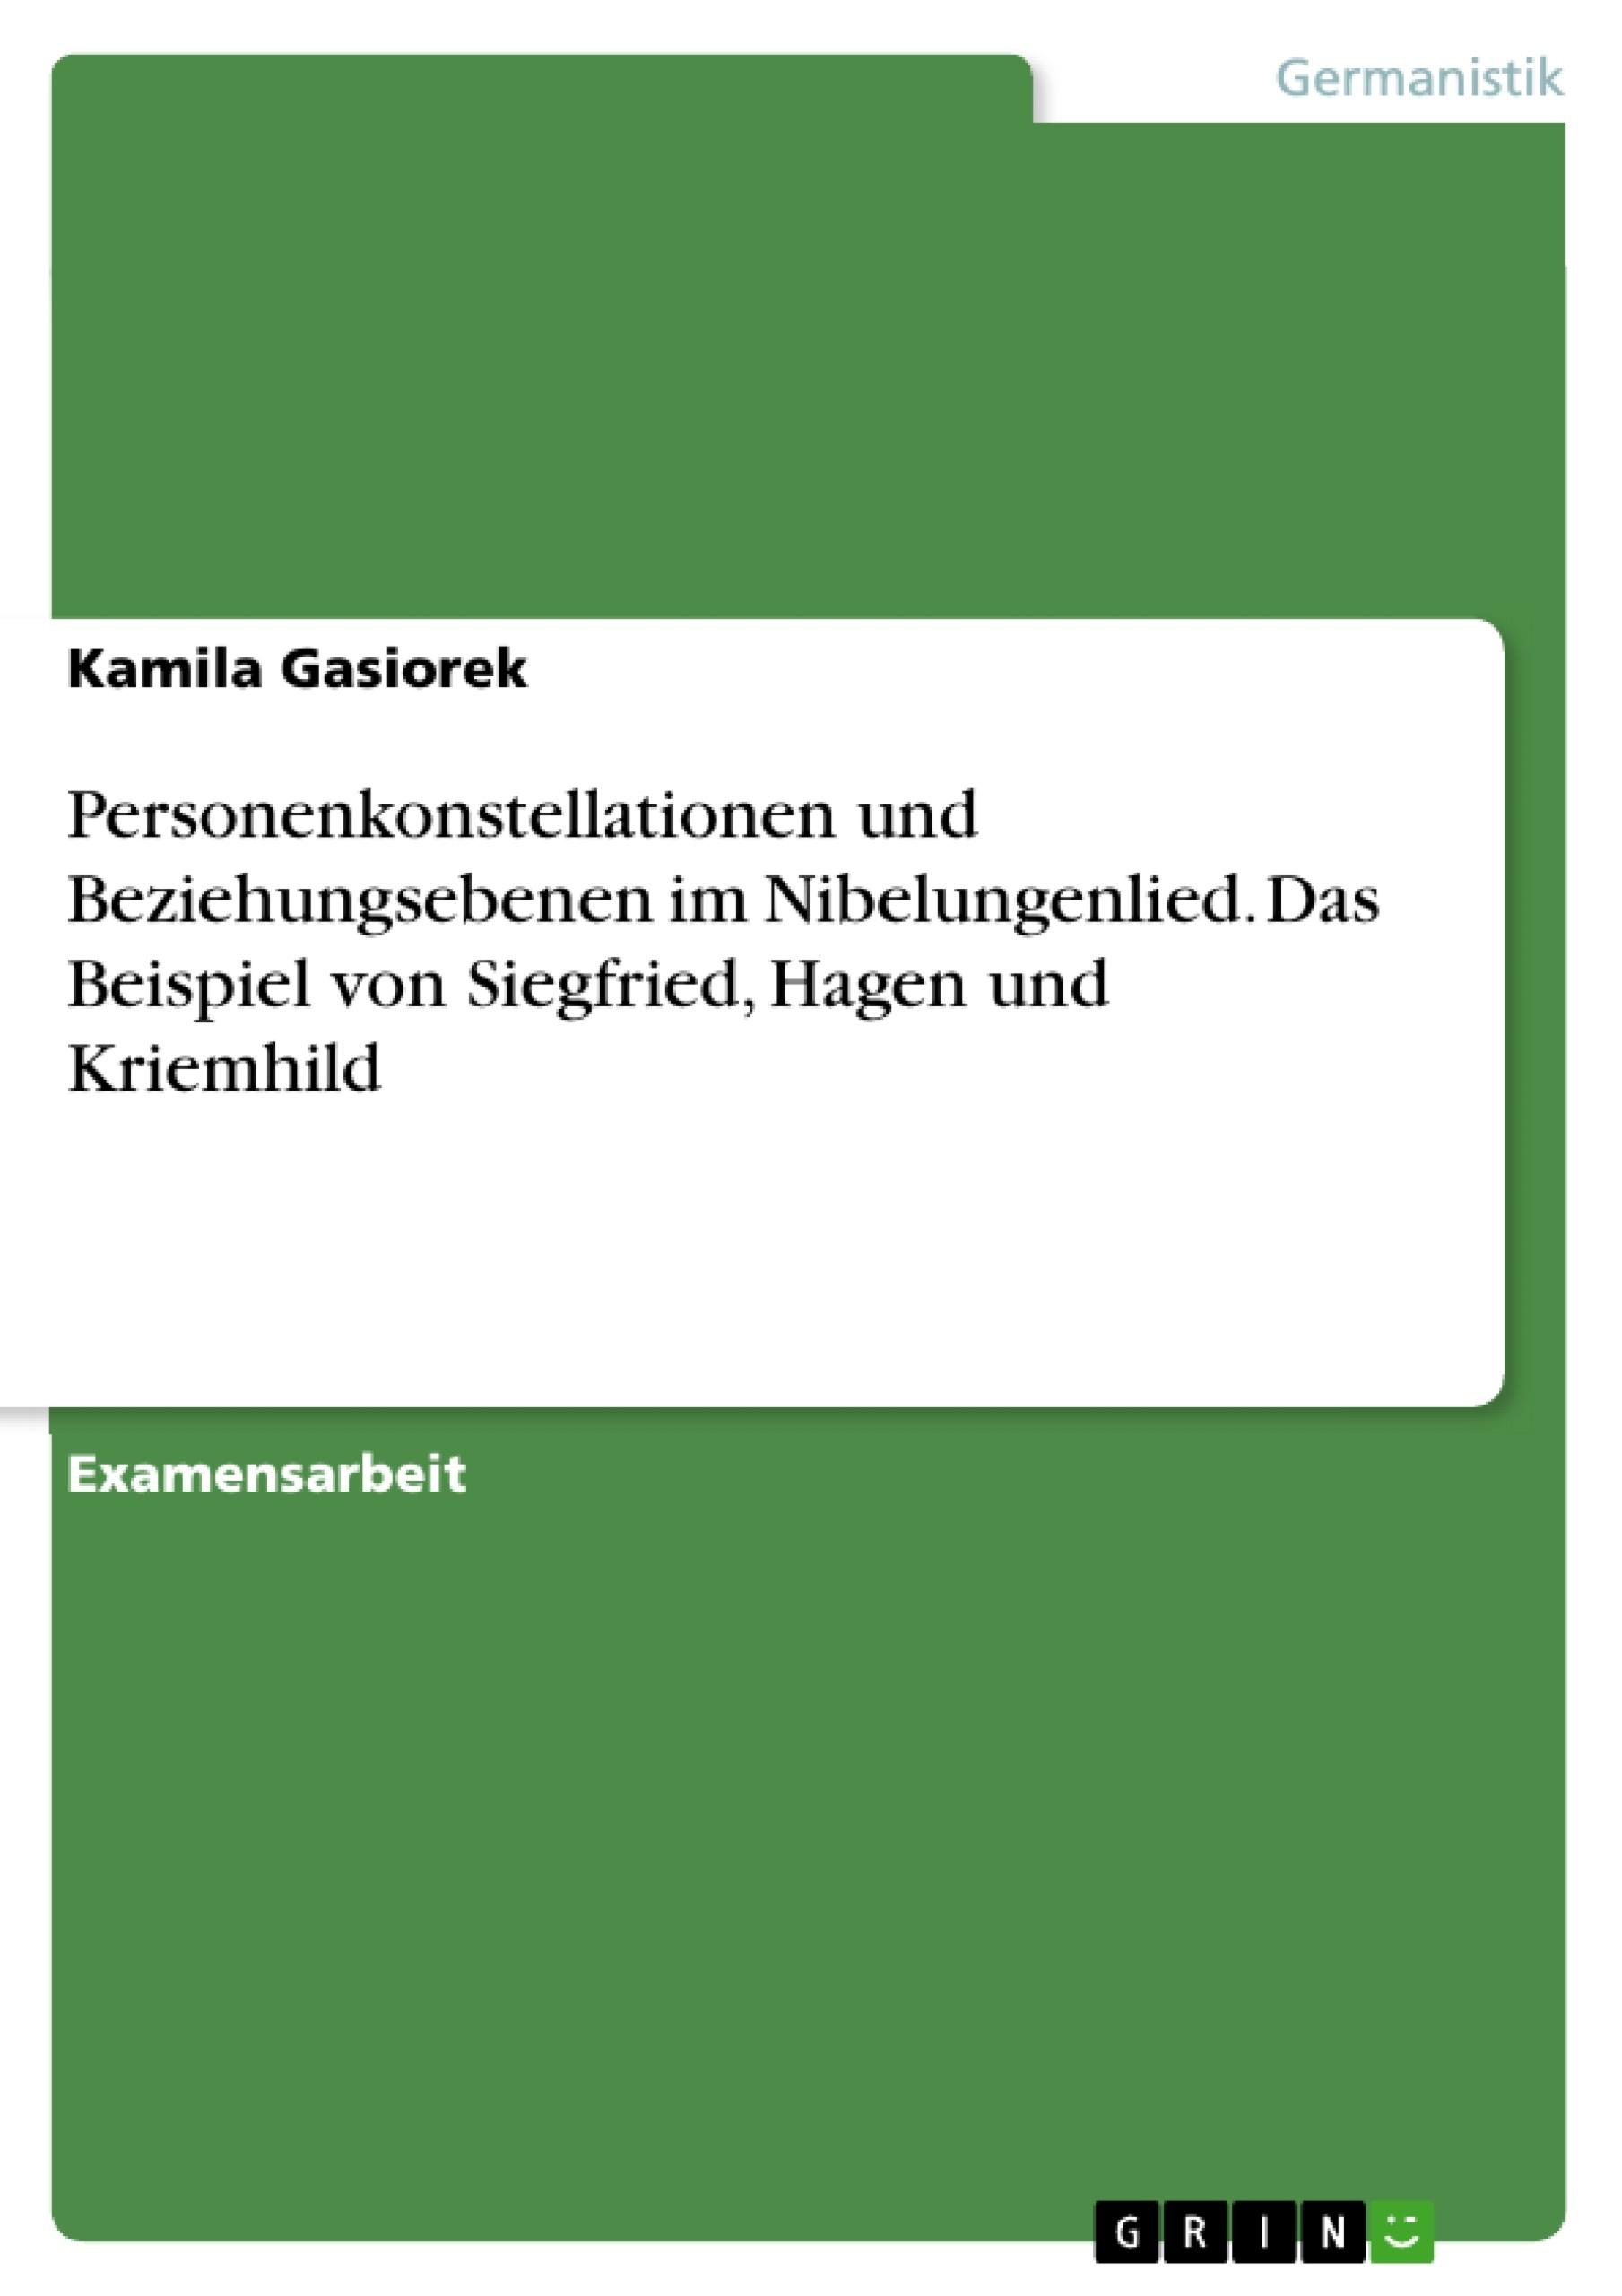 Titel: Personenkonstellationen und Beziehungsebenen im Nibelungenlied. Das Beispiel von Siegfried, Hagen und Kriemhild